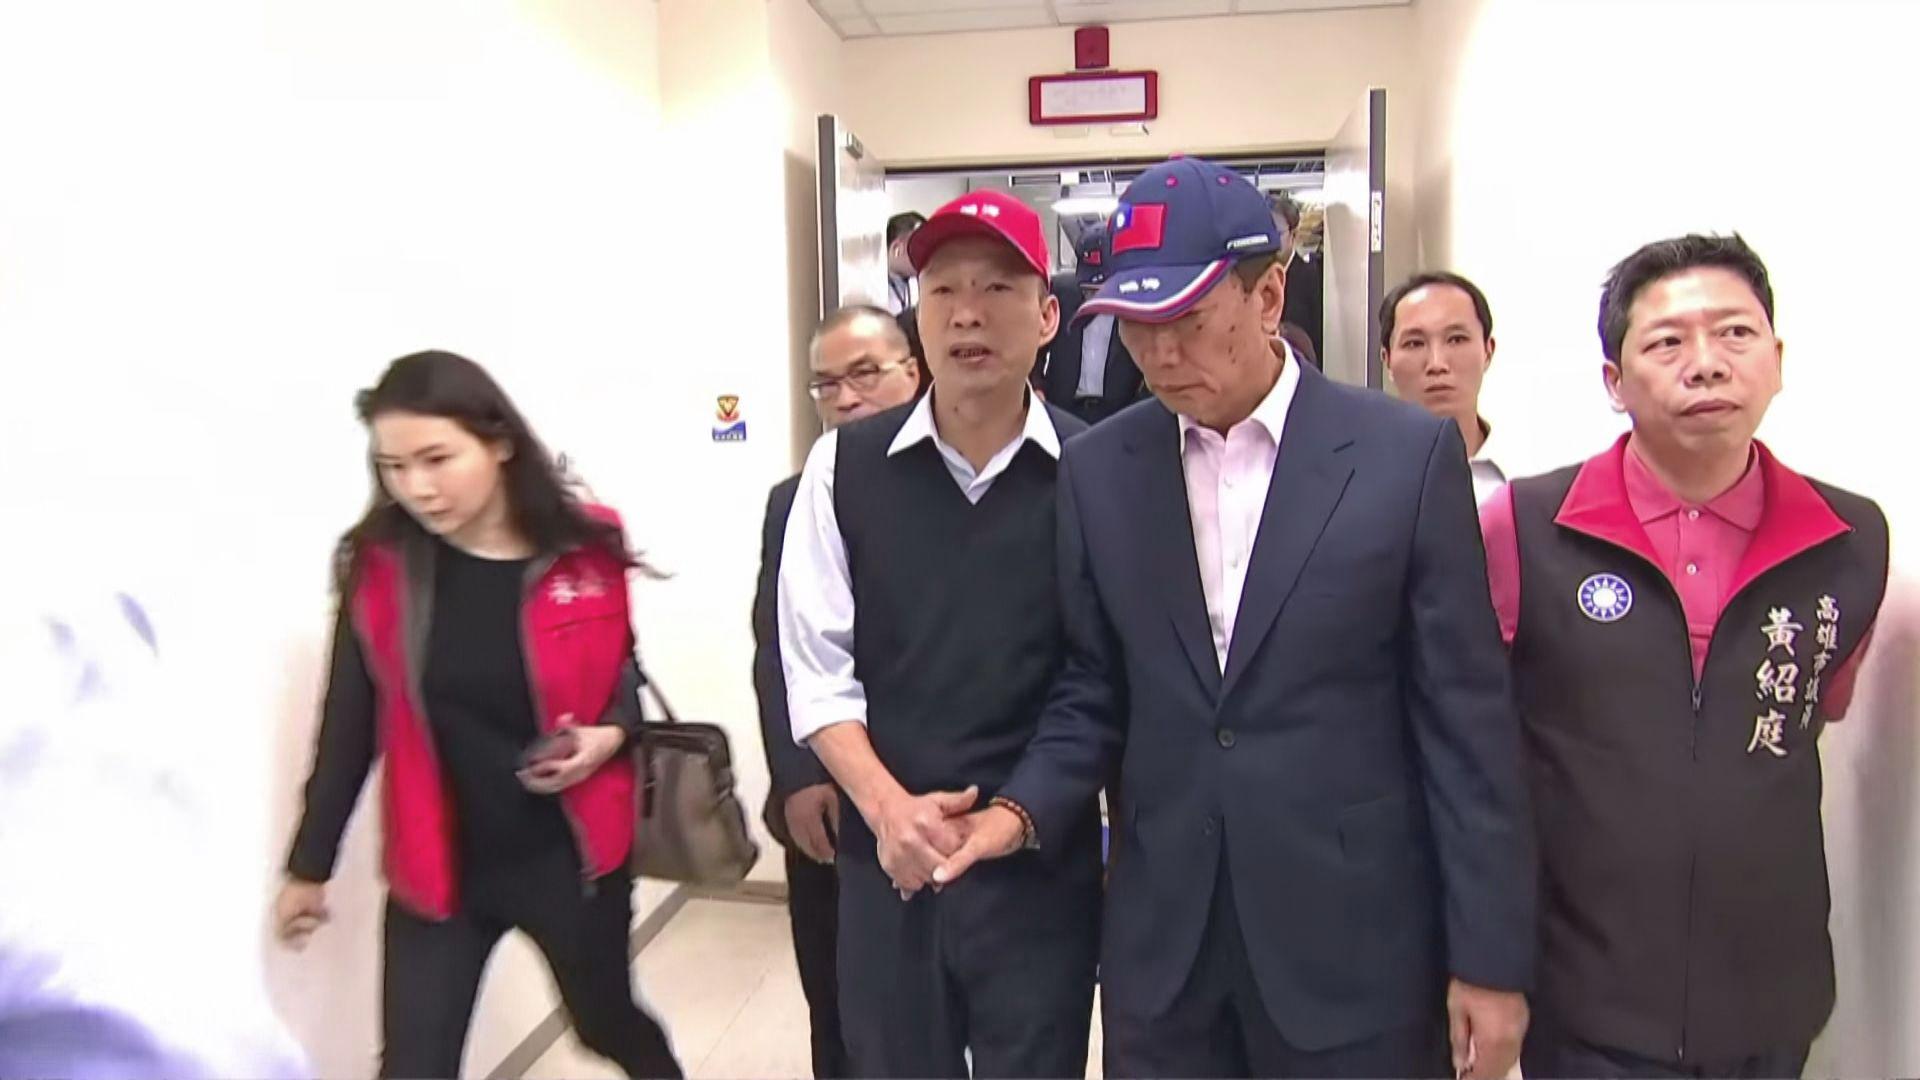 國民黨有聲音質疑郭台銘擾亂藍營布局